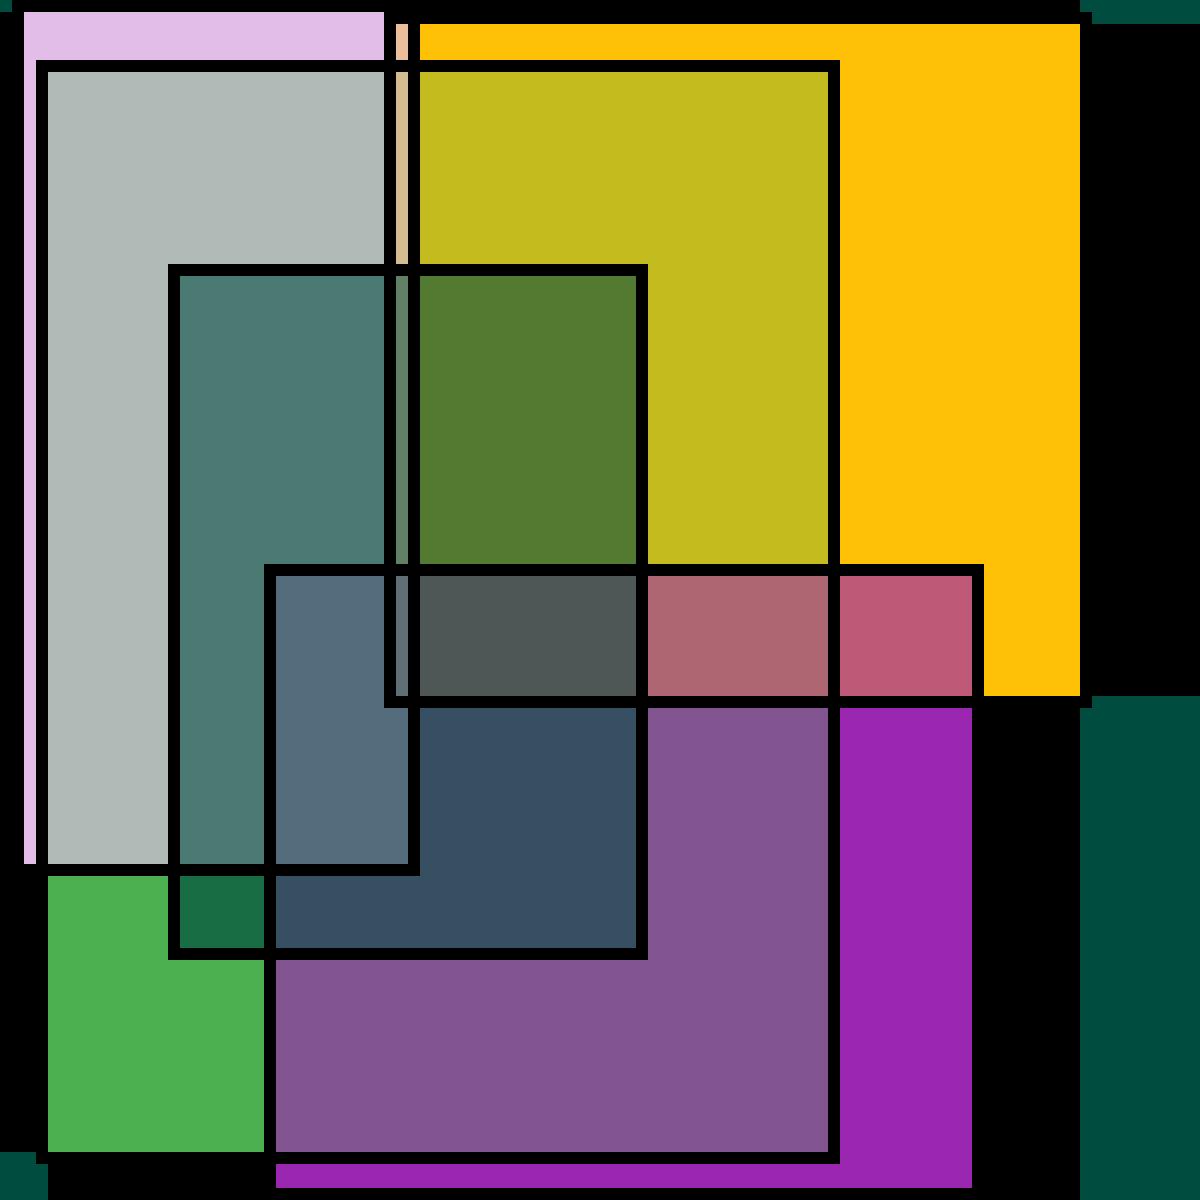 Transparent Rainbow Squares by PrincessPika